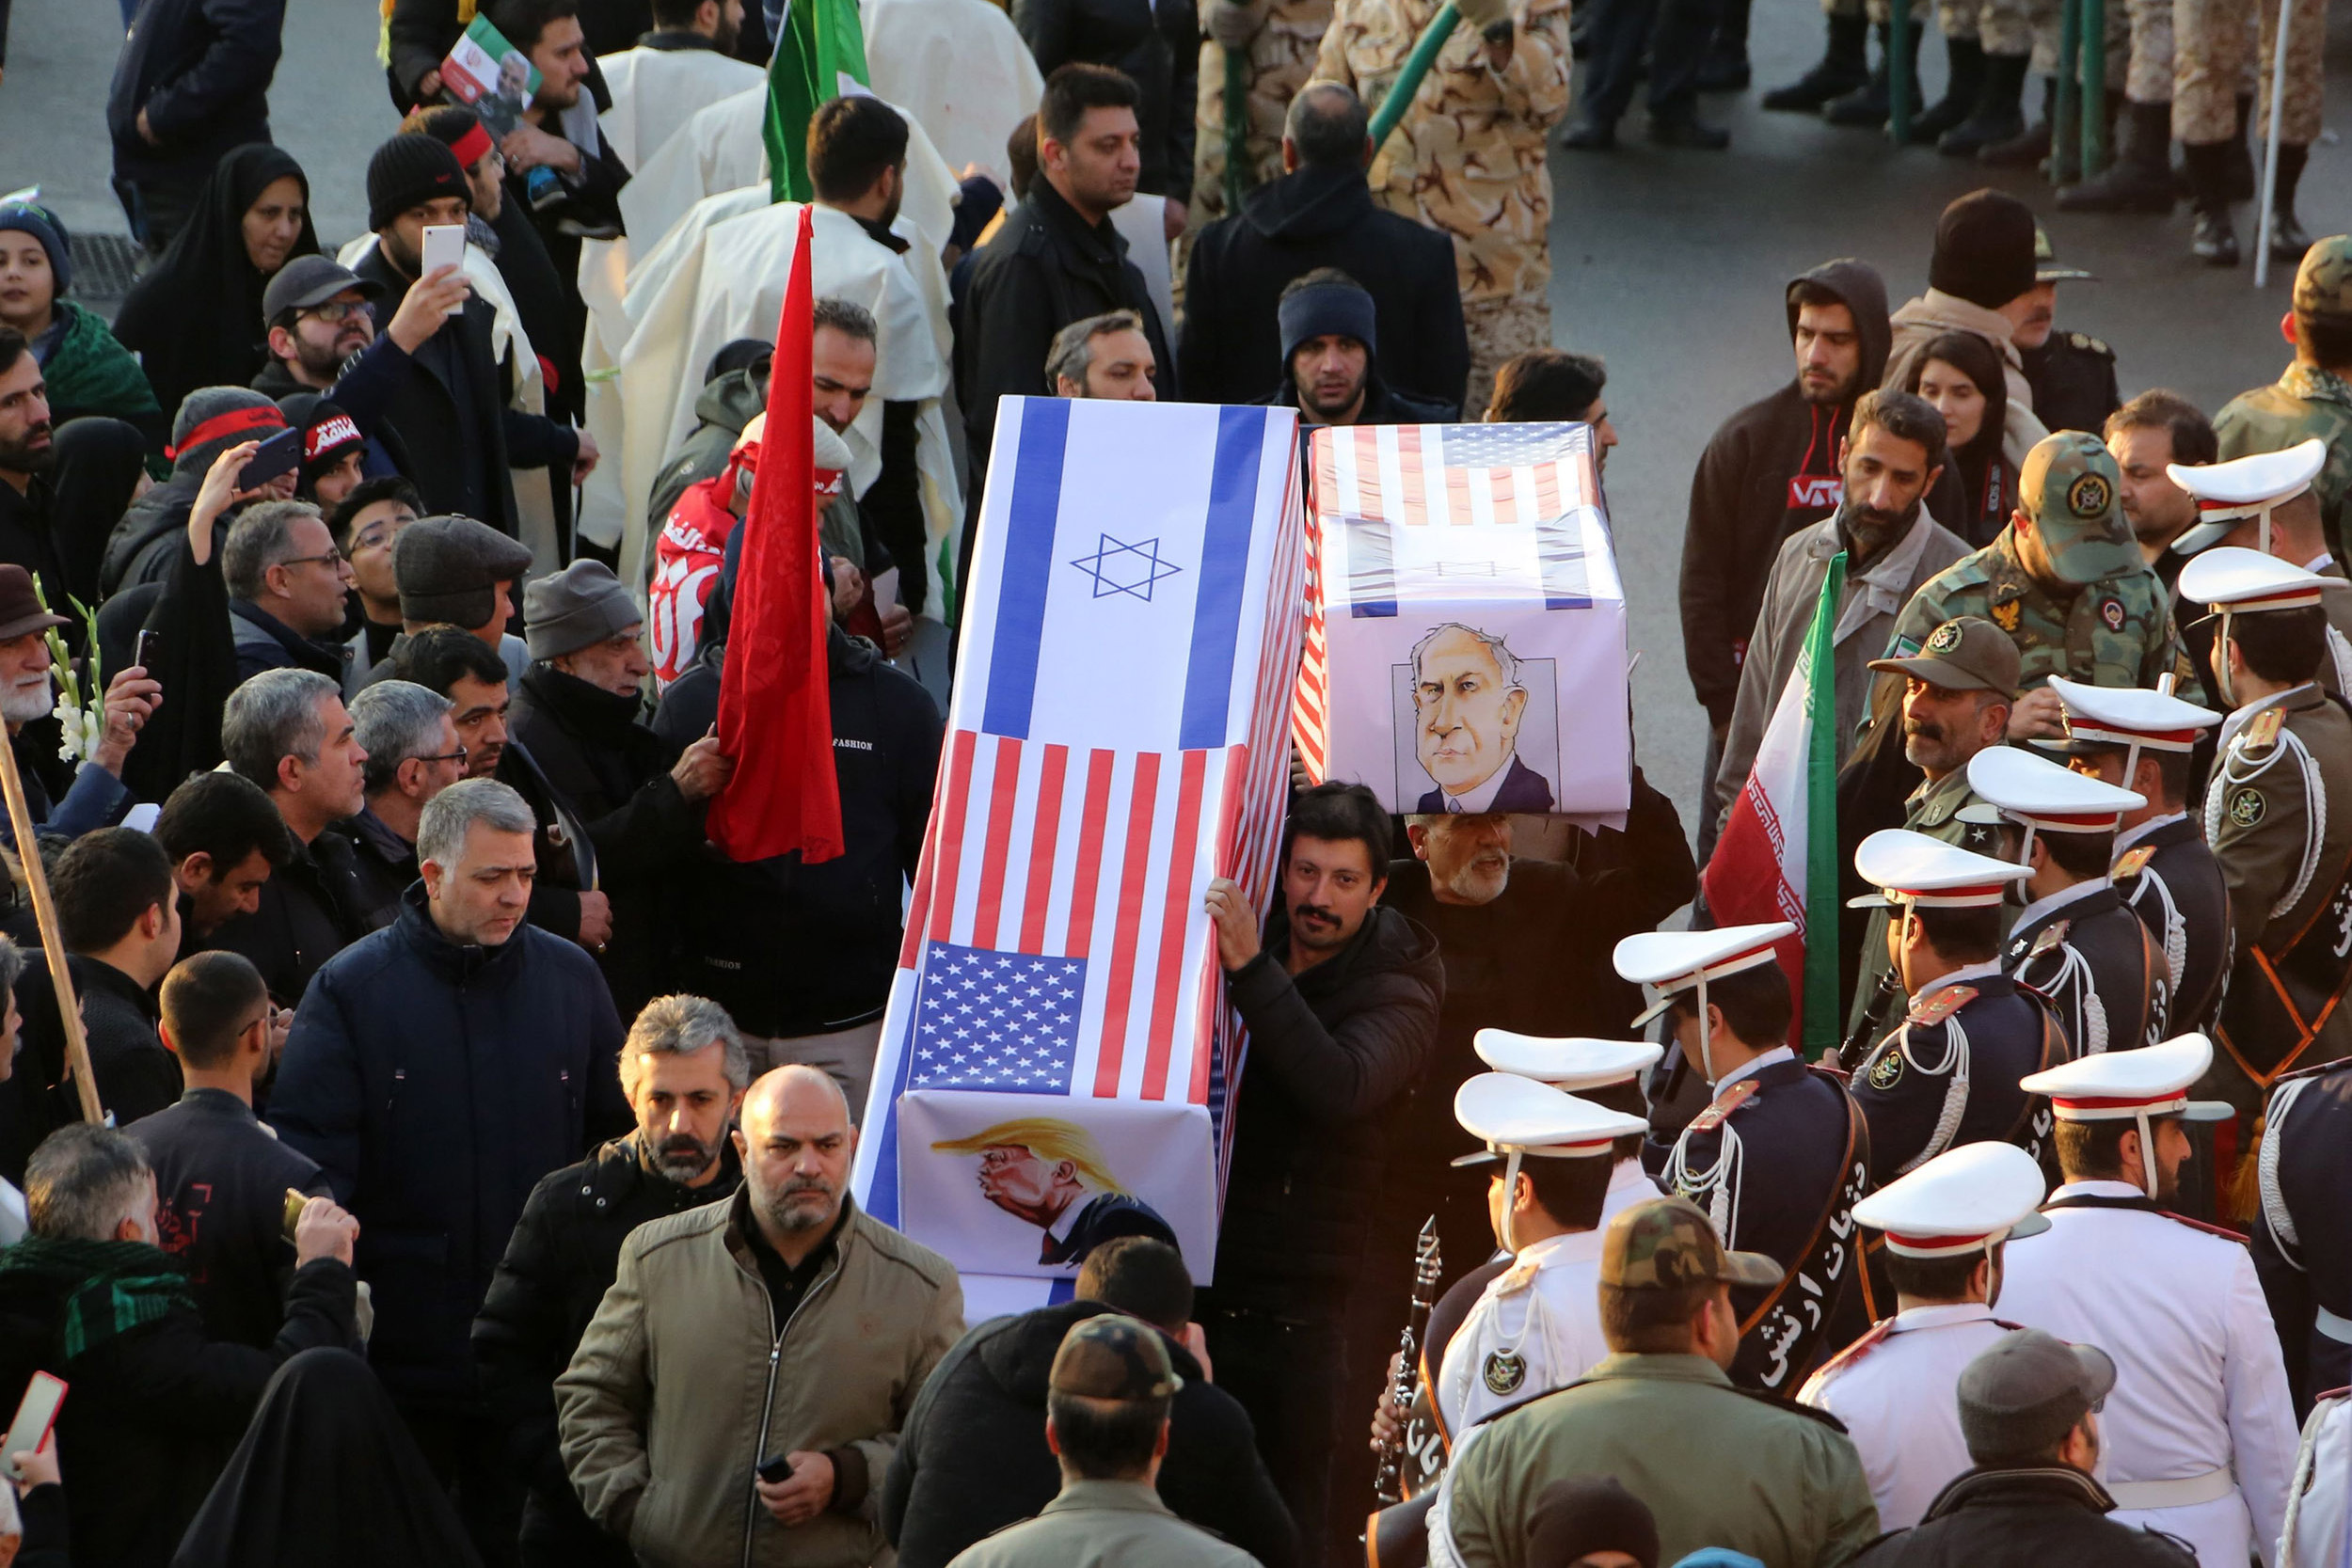 Iranci nose kovčeg prekriven zastavama Izraela i SAD-a i prelepljen slikama Donalda Trampa i Benjamina Netanjahuaa, Teheran, 06. januar 2019. (Foto: TTA KENARE/AFP via Getty Images)